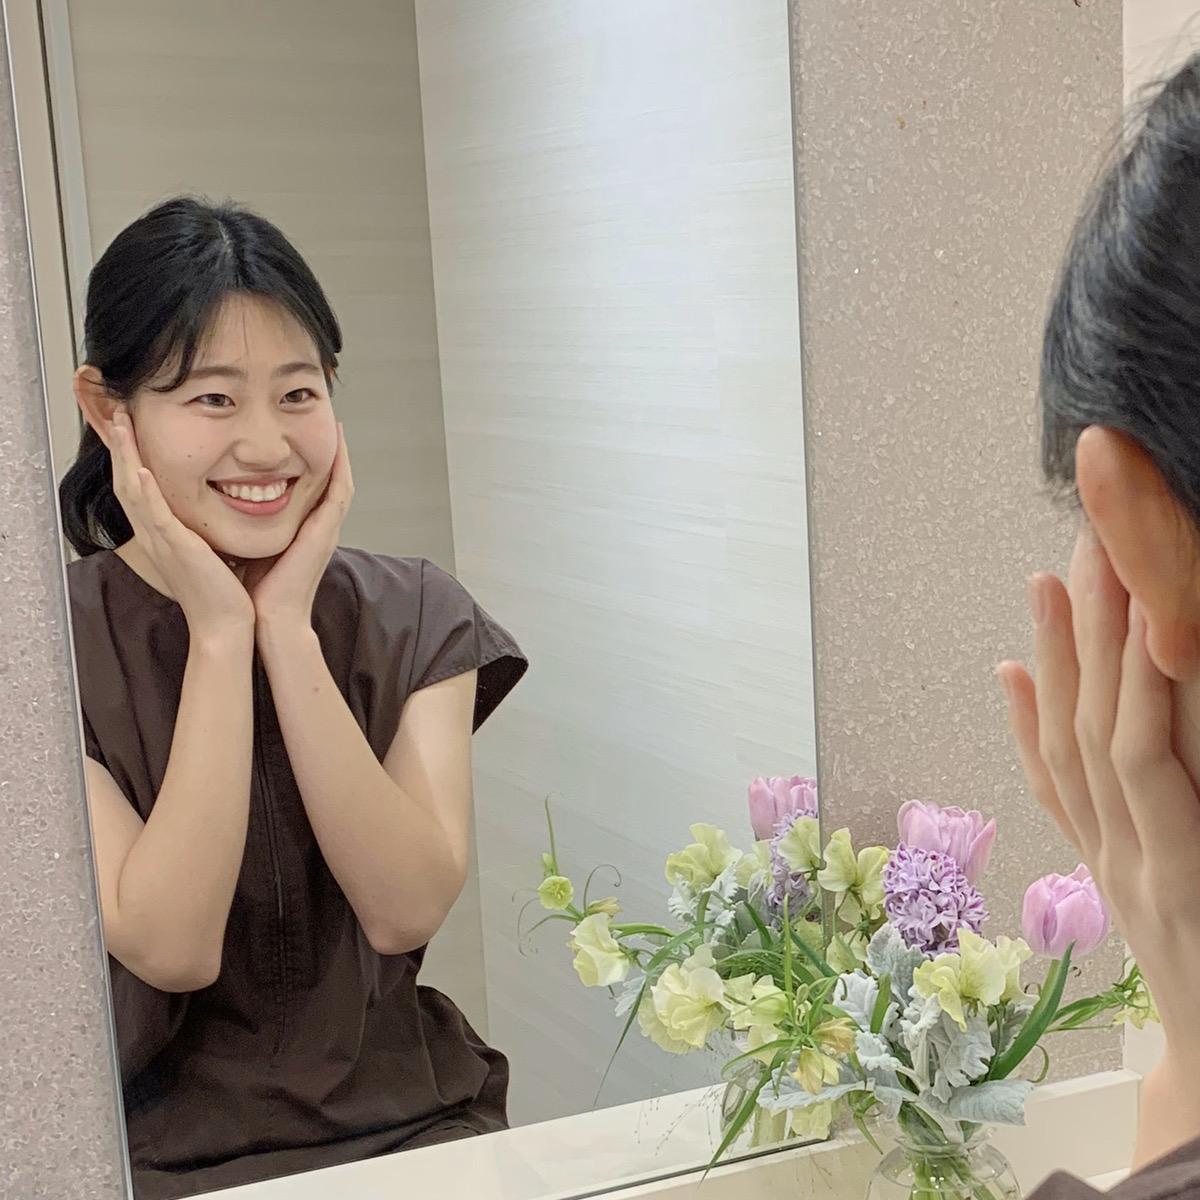 「マスクの肌トラブル」は美容鍼灸で美肌ケア!の画像